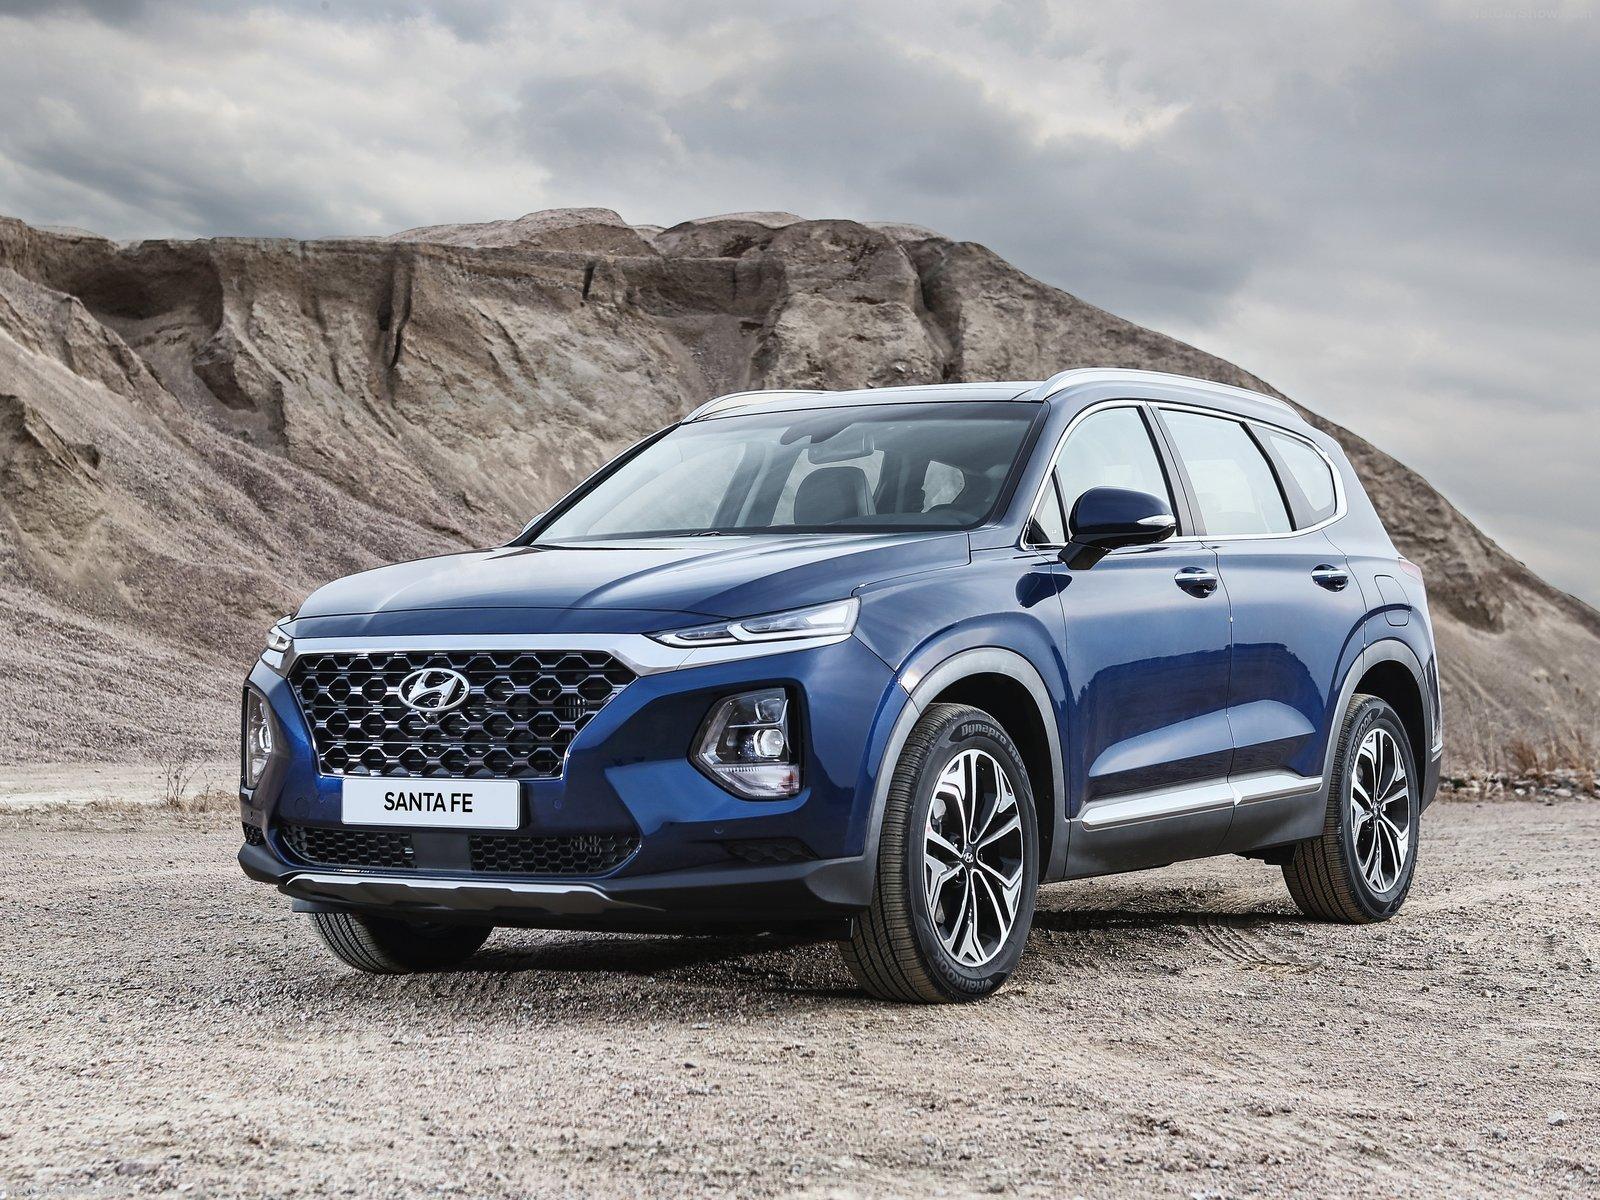 [Obrazek: Hyundai-Santa_Fe-2019-1600-03.jpg]